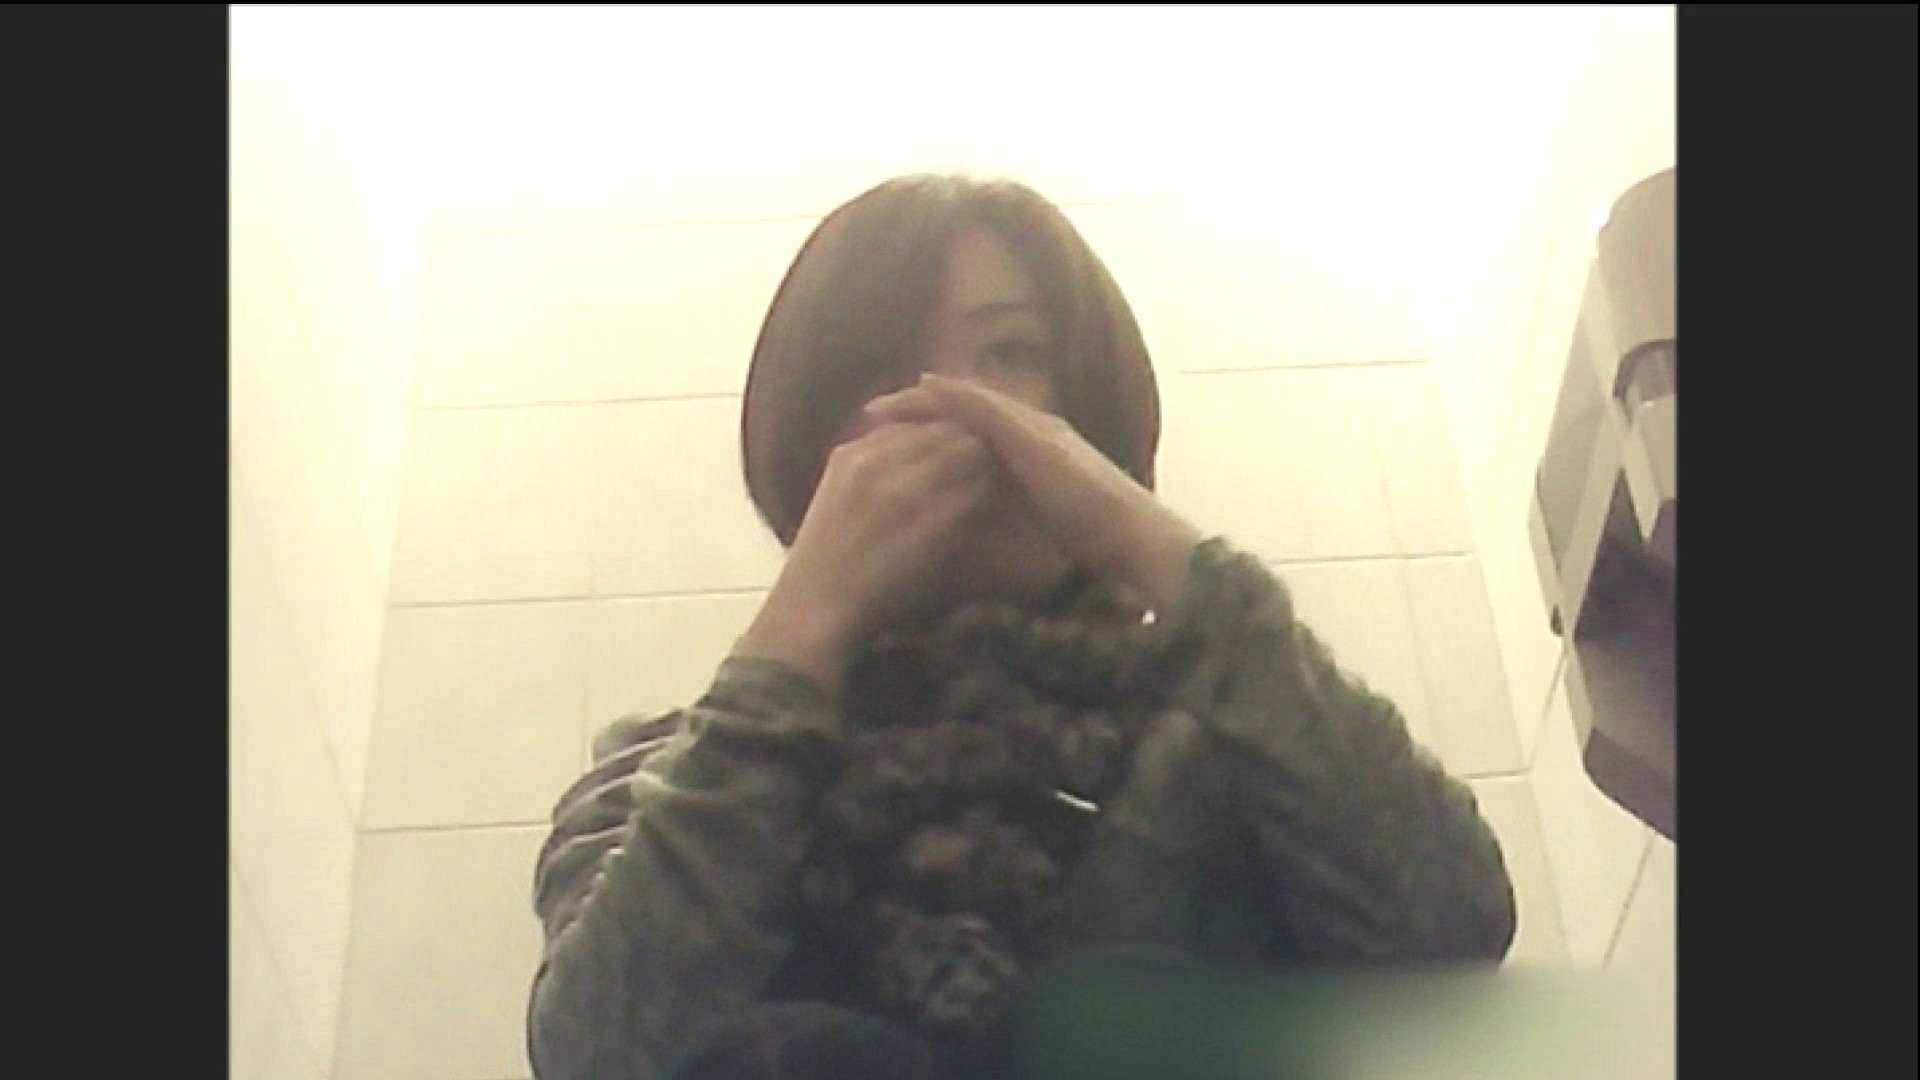 実録!!綺麗なお姉さんのトイレ事情・・・。vol.10 OLの実態 覗きおまんこ画像 86pic 65